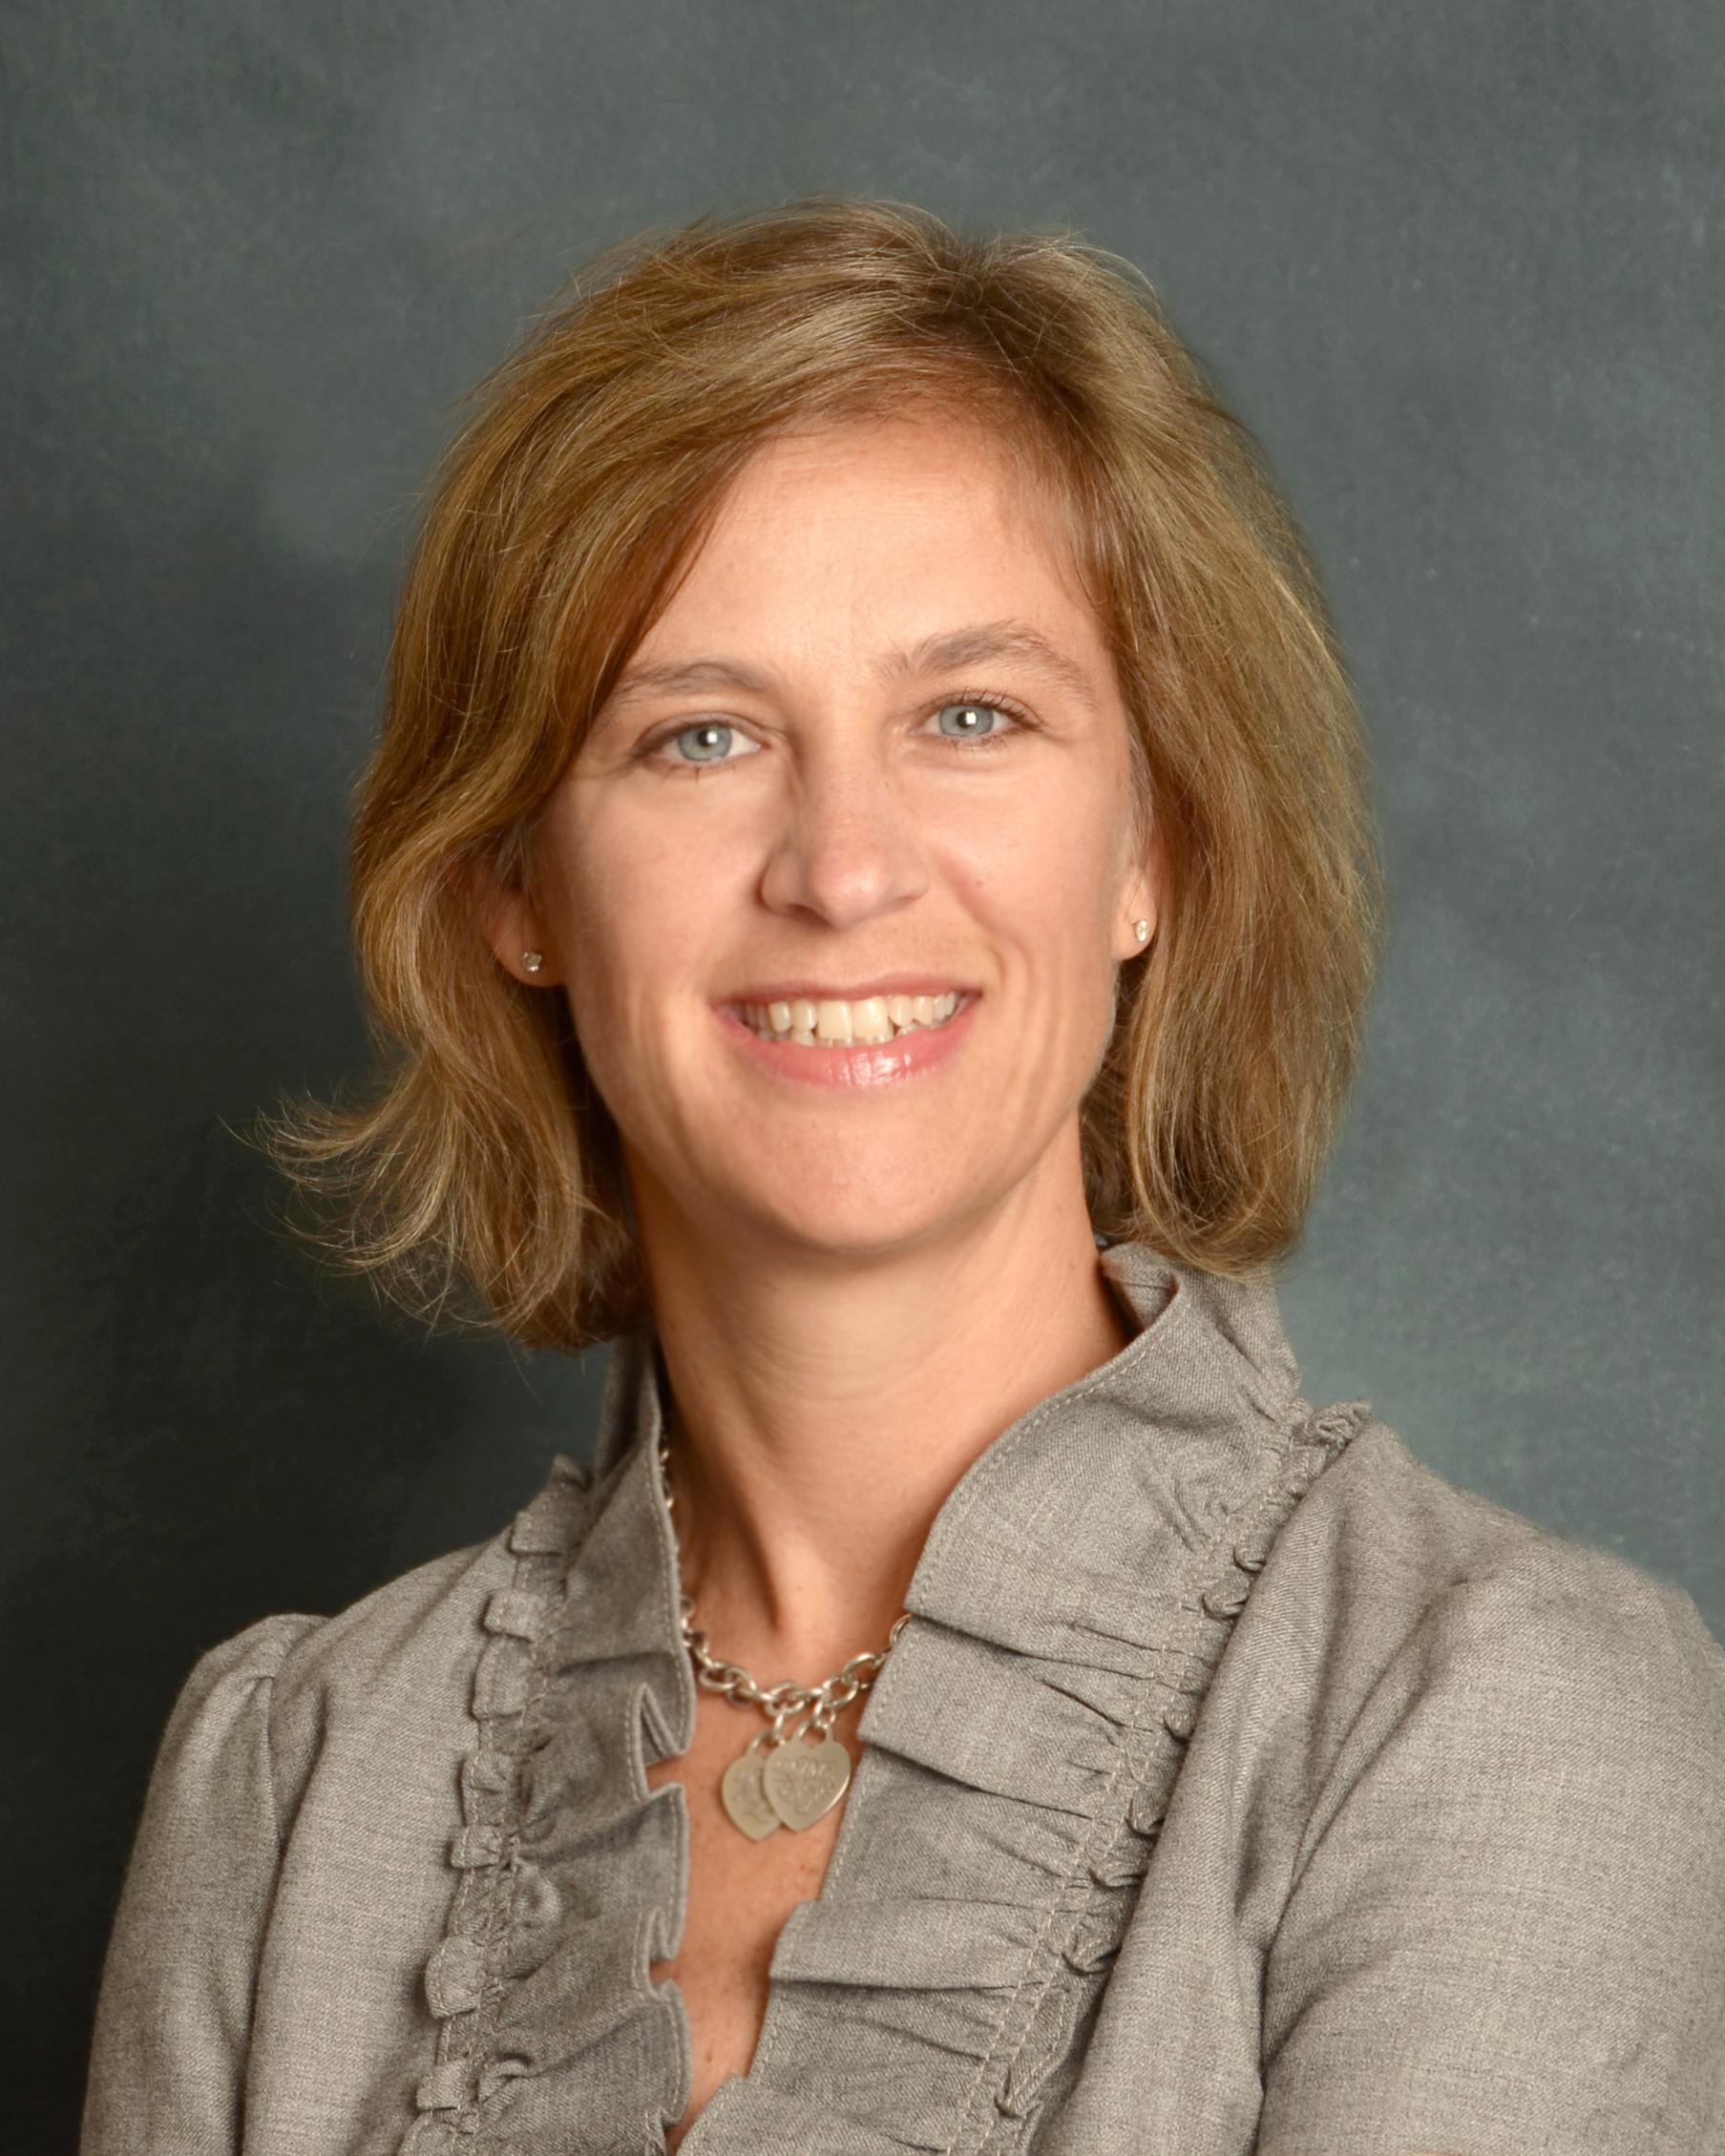 Cathy Lowe